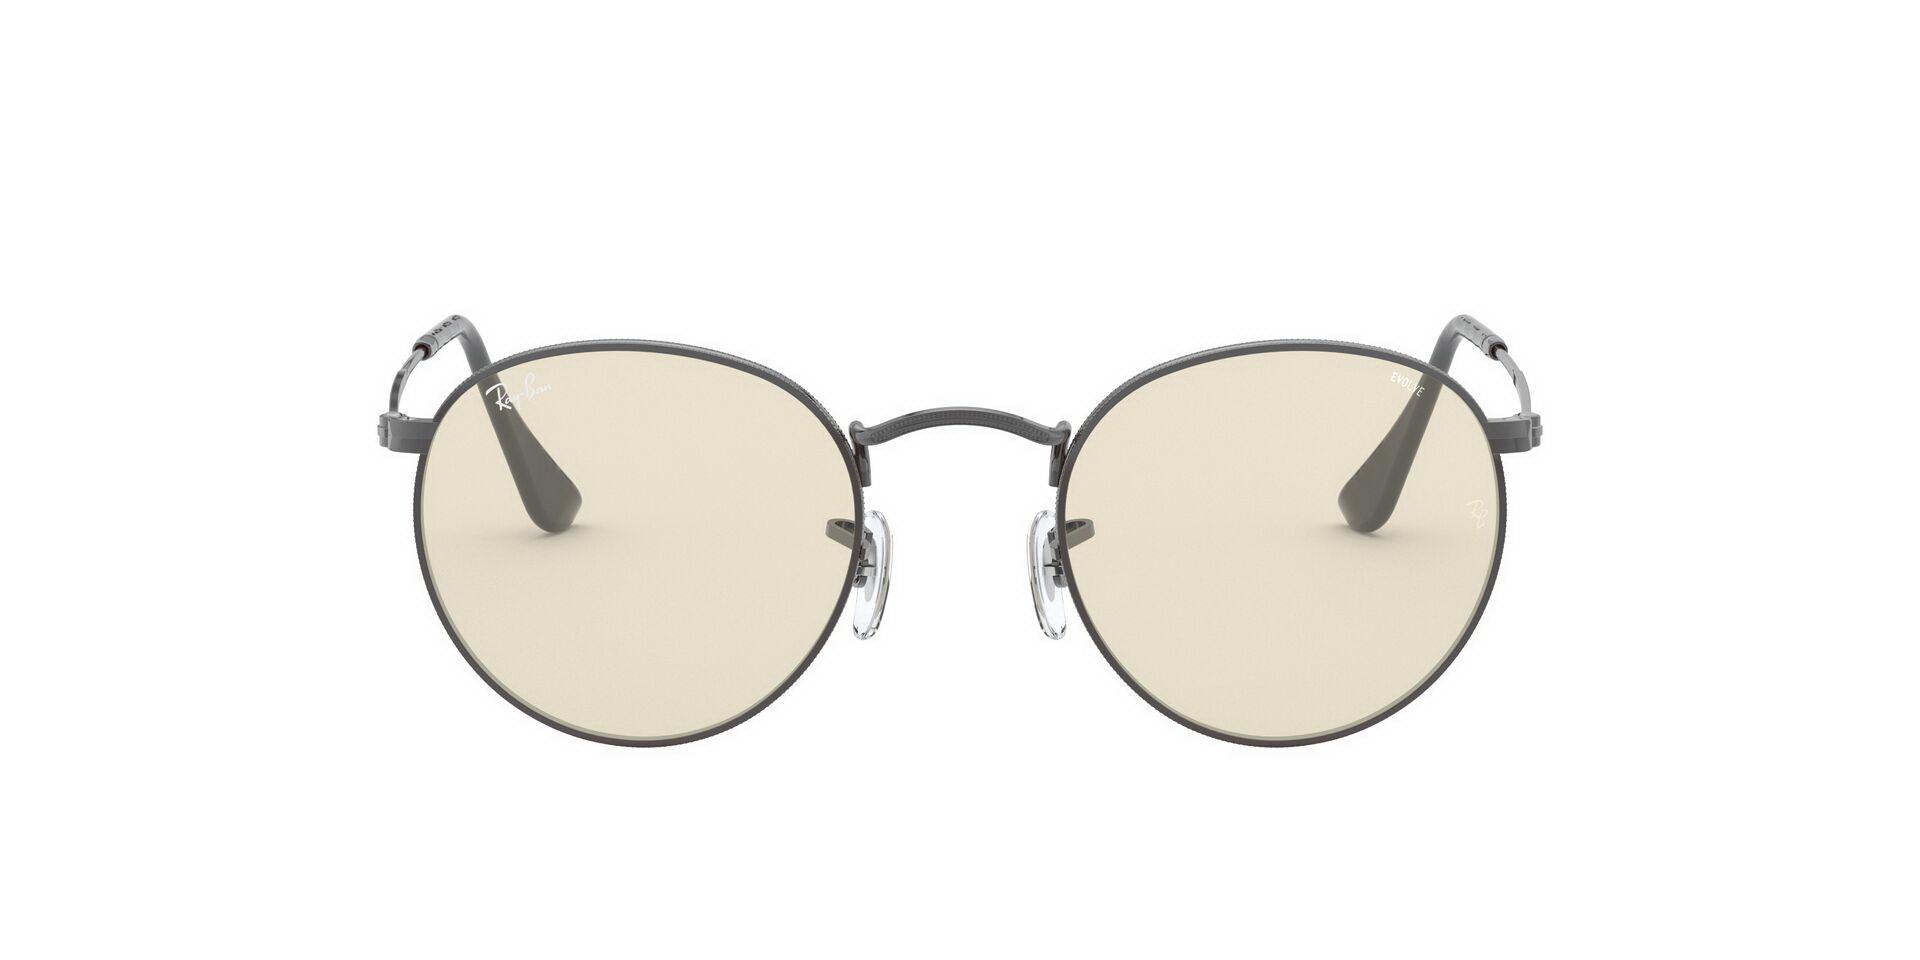 Солнцезащитные очки Очки с/з Ray Ban 0RB3447 004/T2 фото